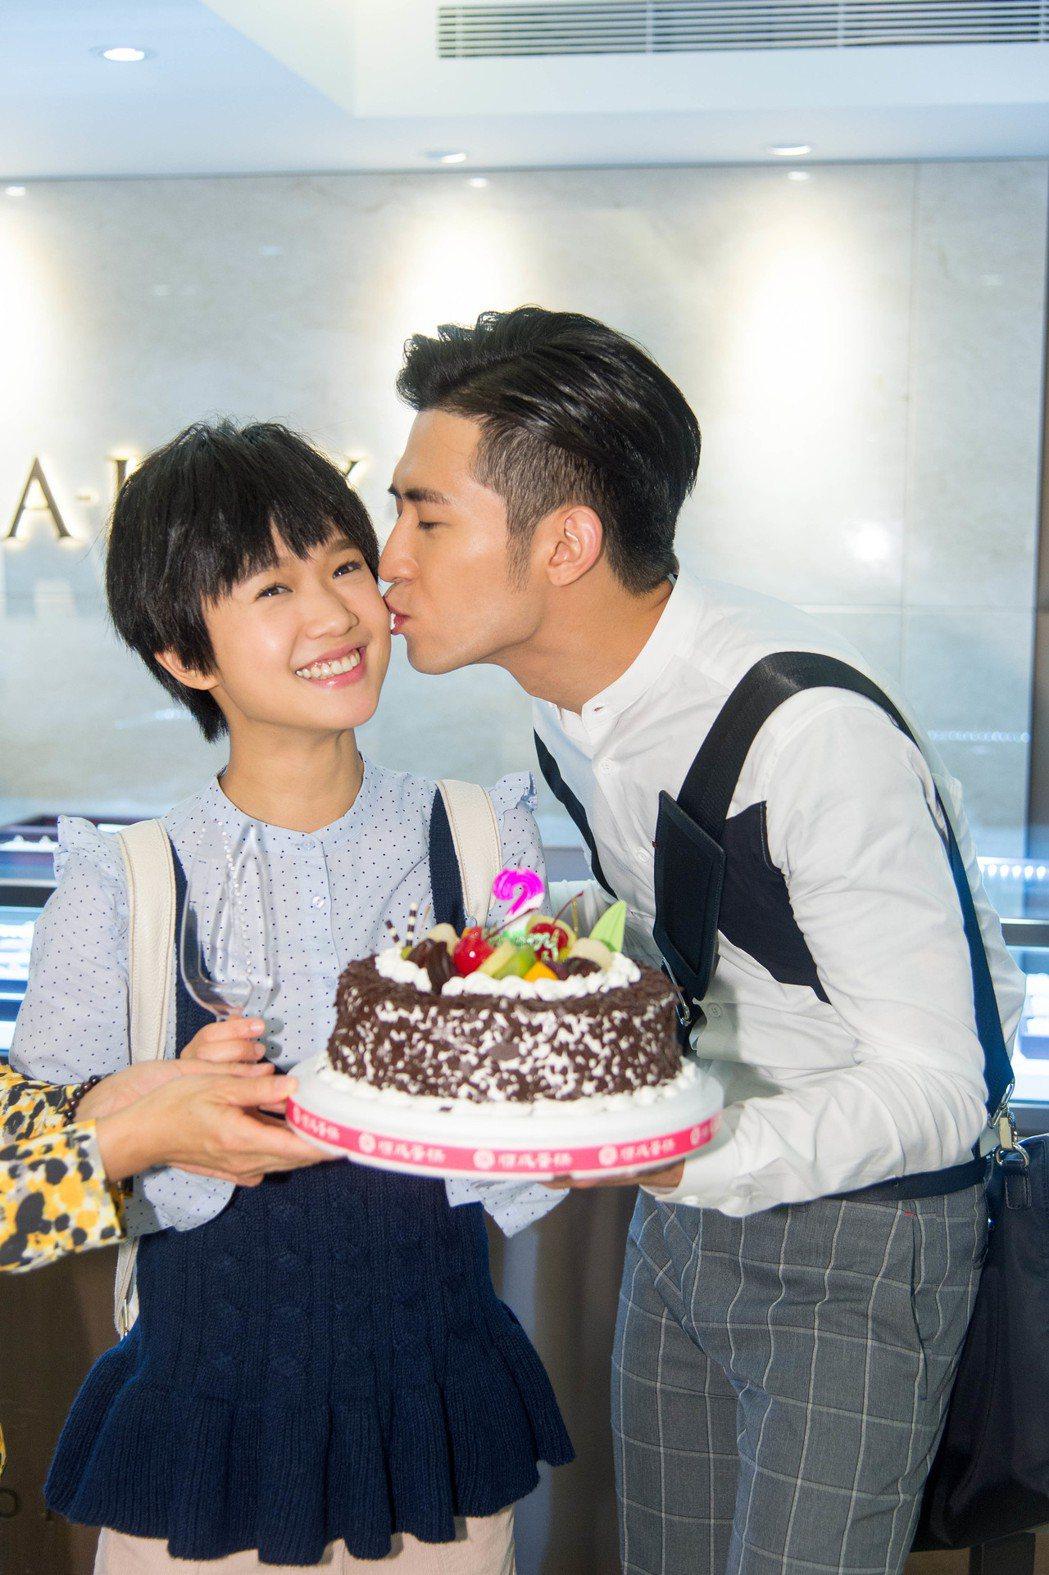 簡宏霖(右)端蛋糕、獻吻為嚴正嵐慶生。圖/三立提供